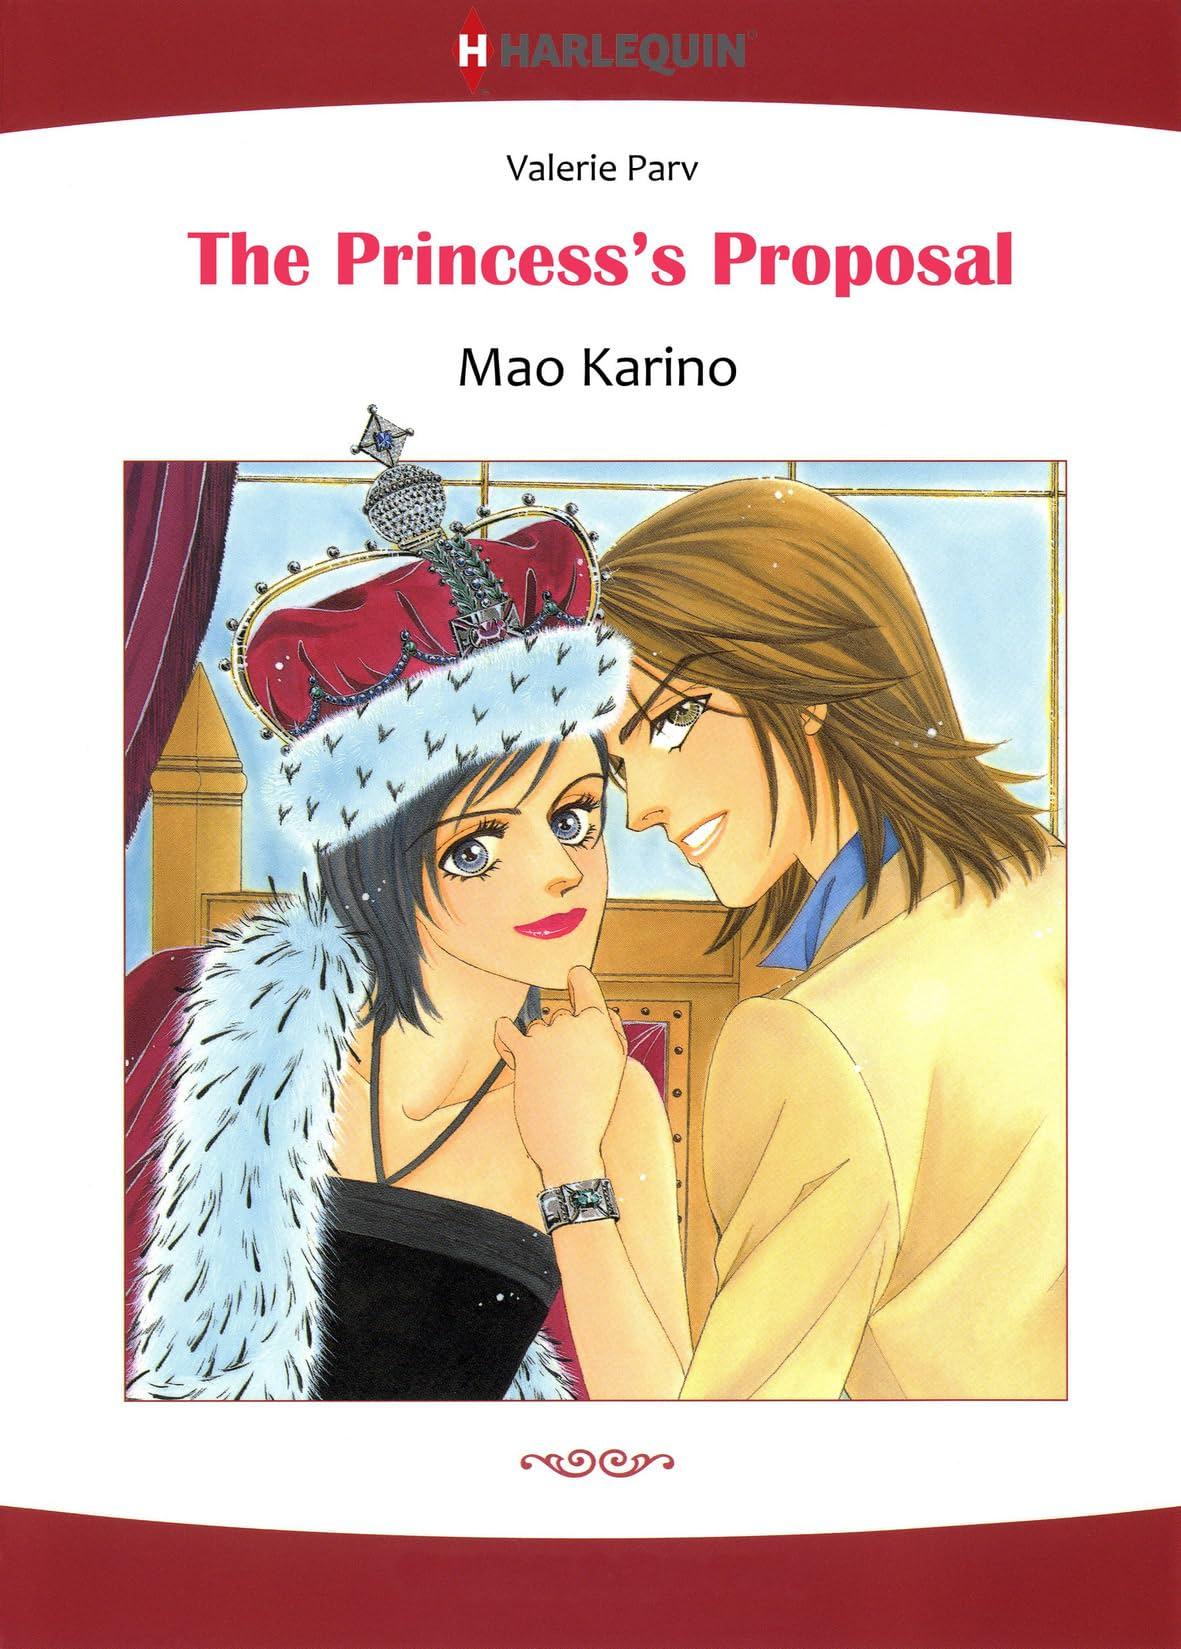 The Princess's Proposal